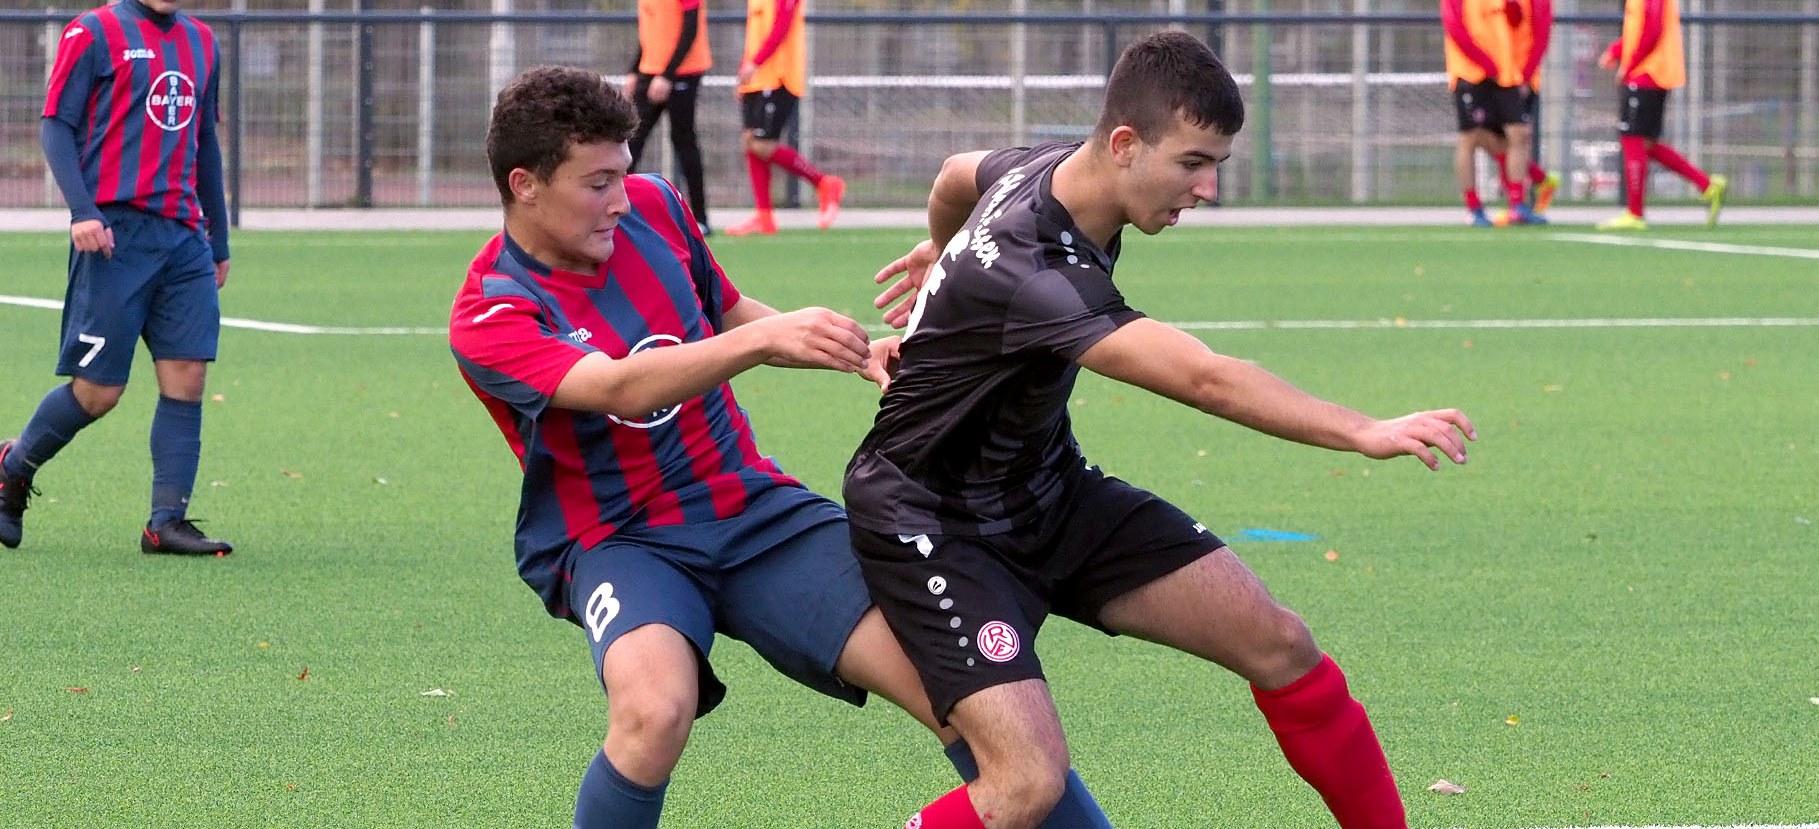 Am Sonntag geht es für die rot-weisse U17 gegen das Tabellenschlusslicht aus Krefeld um 3 Punkte.